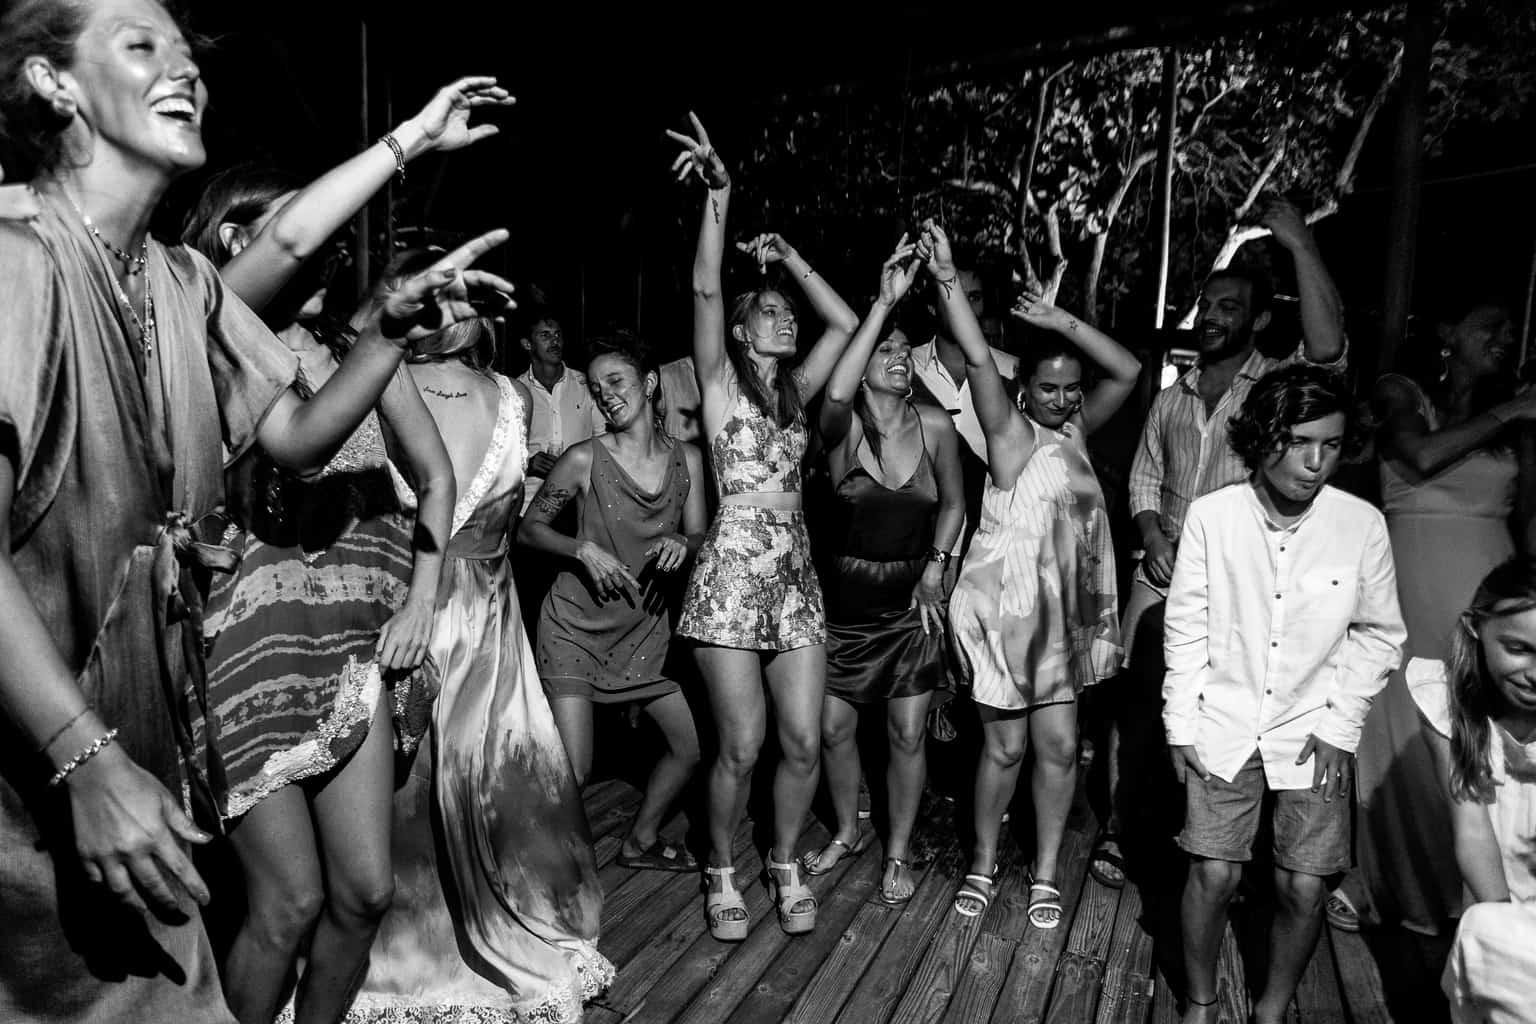 Casamento-Victoria-e-Christian-Fotografia-Tiago-Saldanha-Festa729_MG_1694